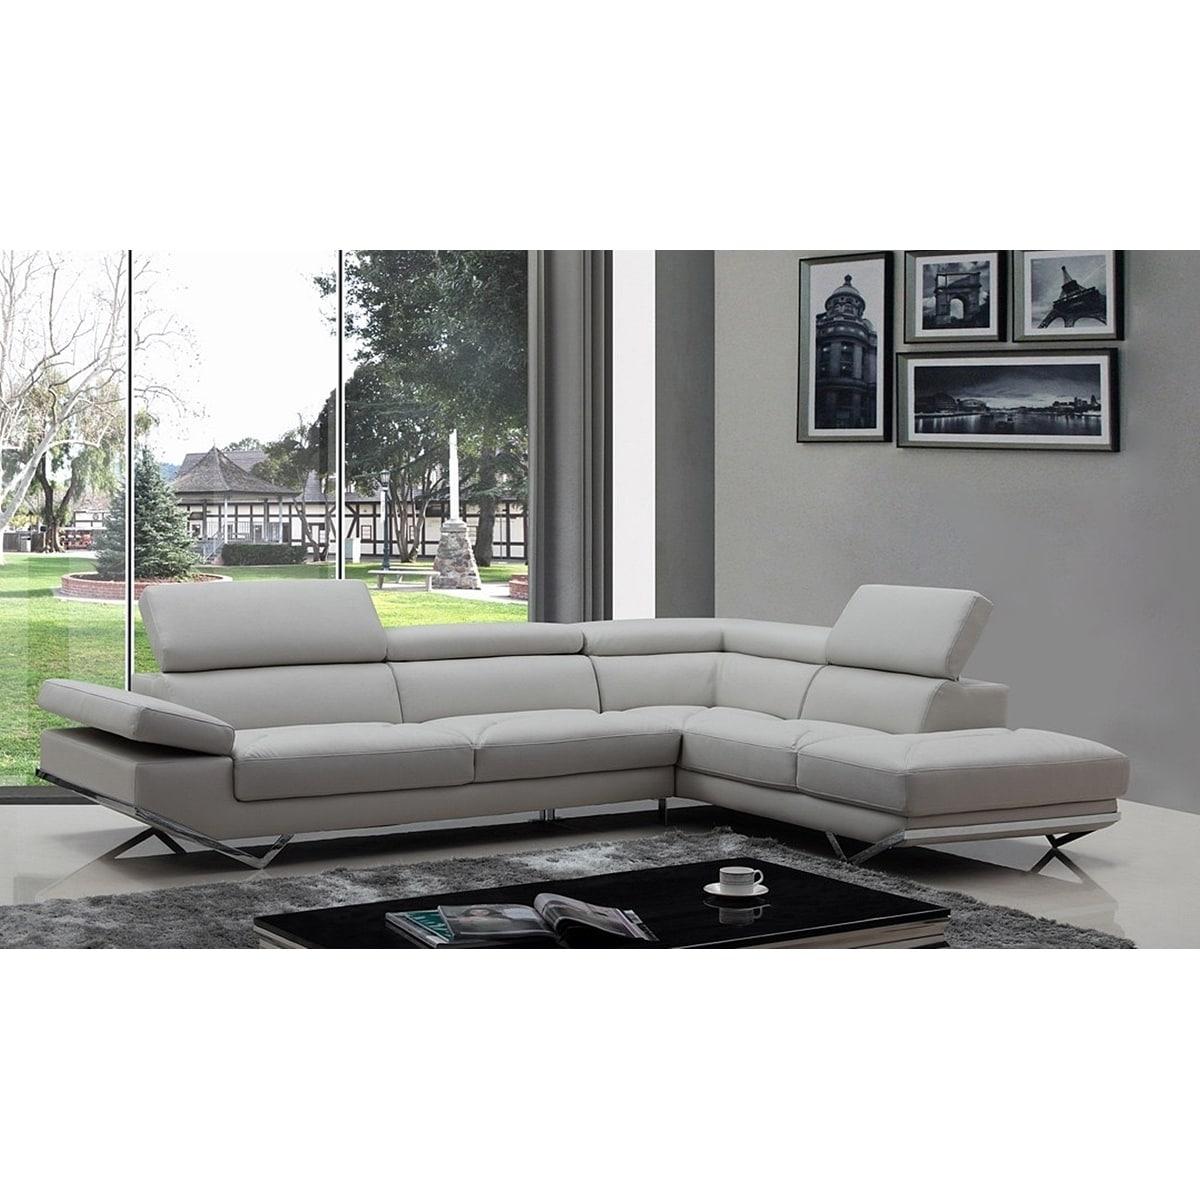 Shop Walden Modern Light Grey Leather L-shape Sofa with Adjustable ...